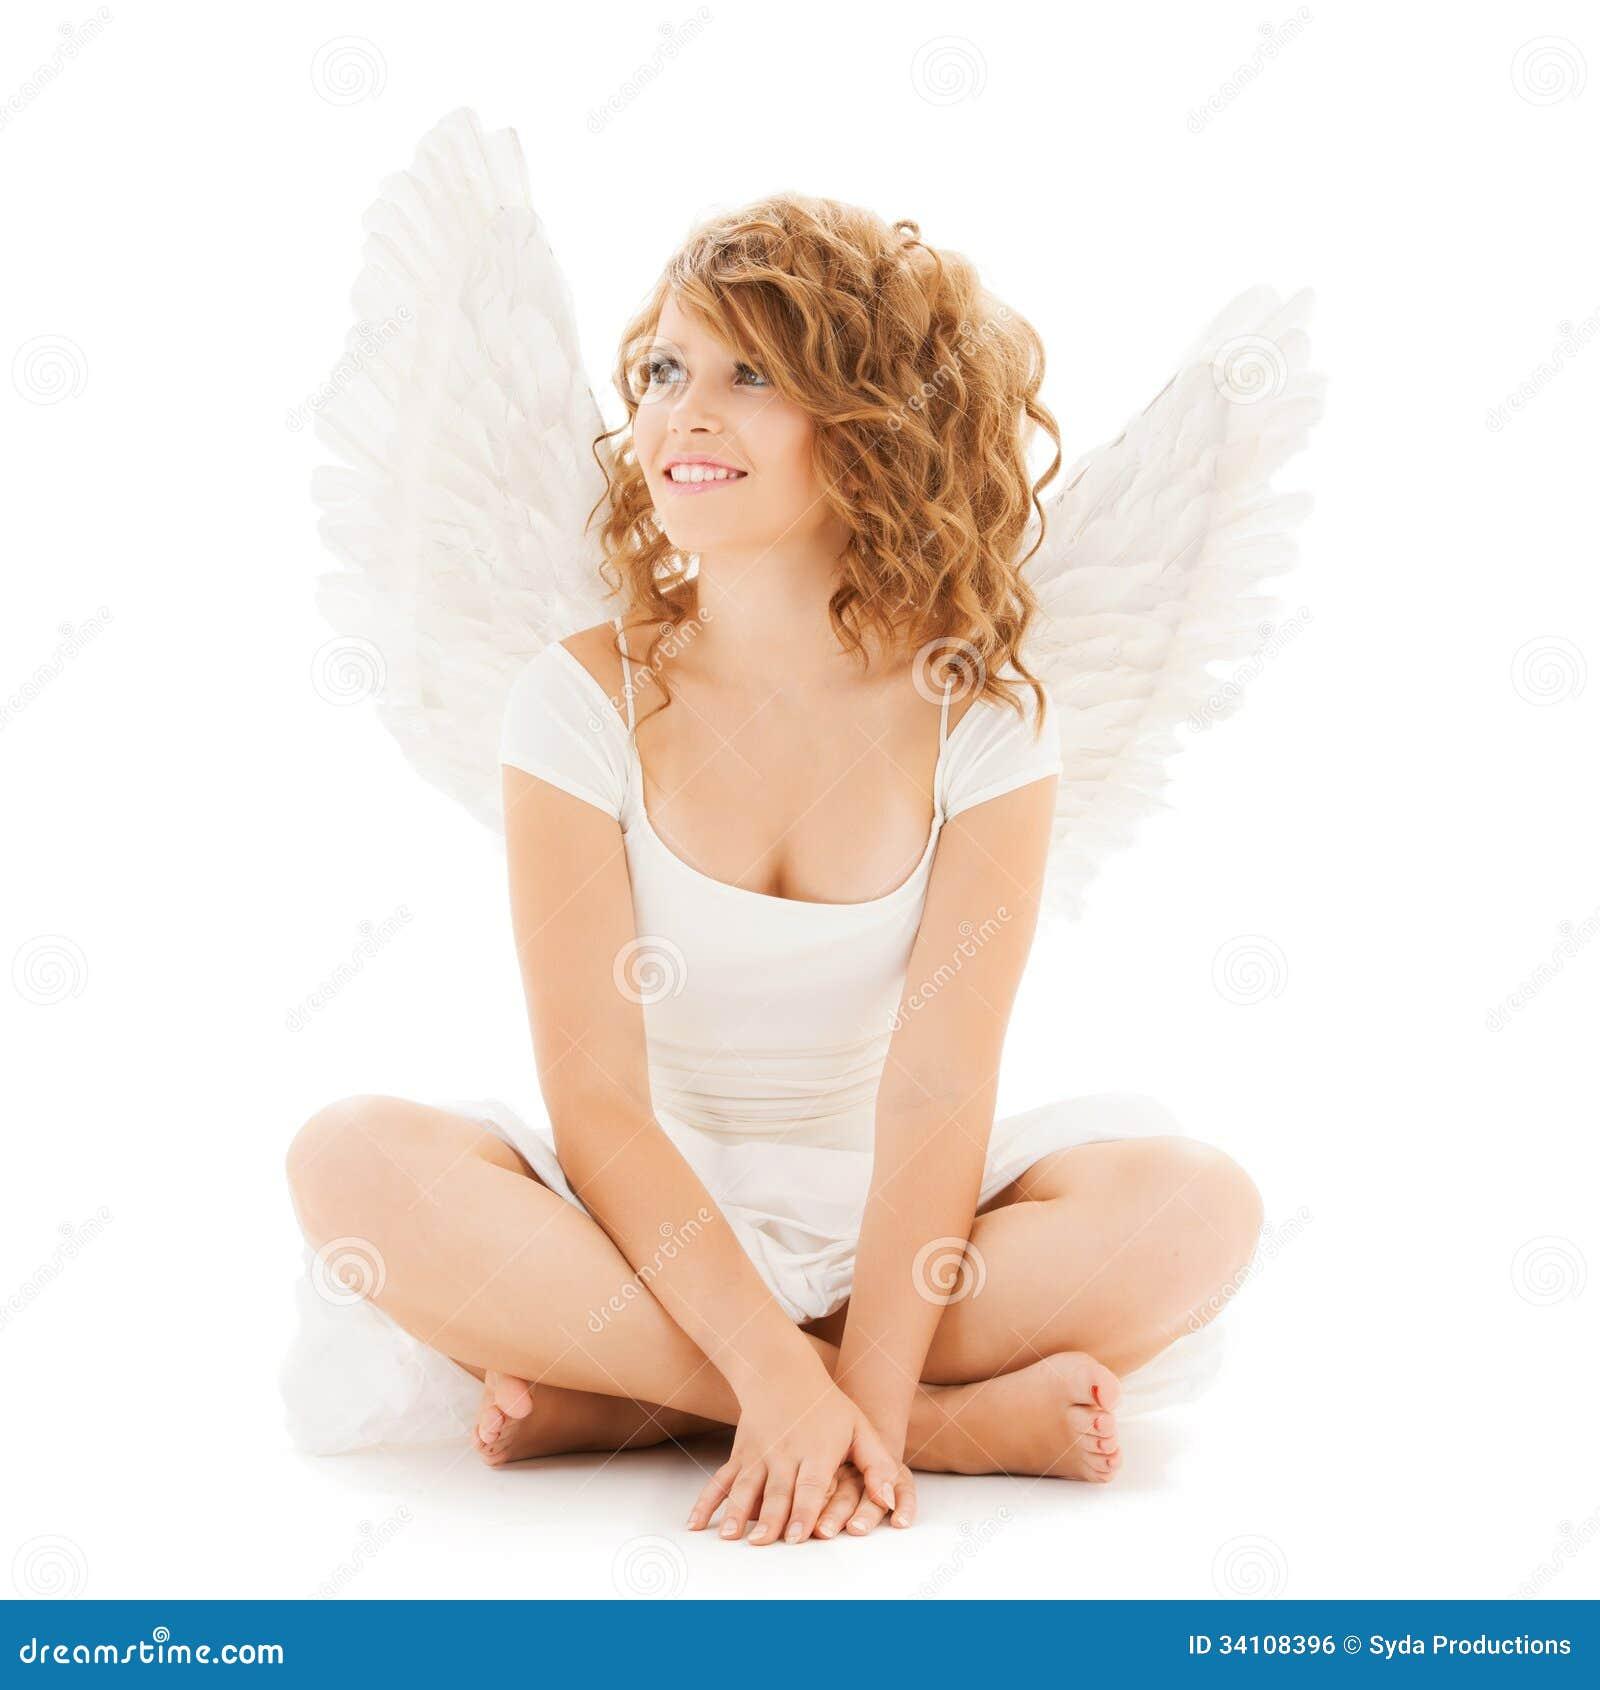 thumbs angel teen